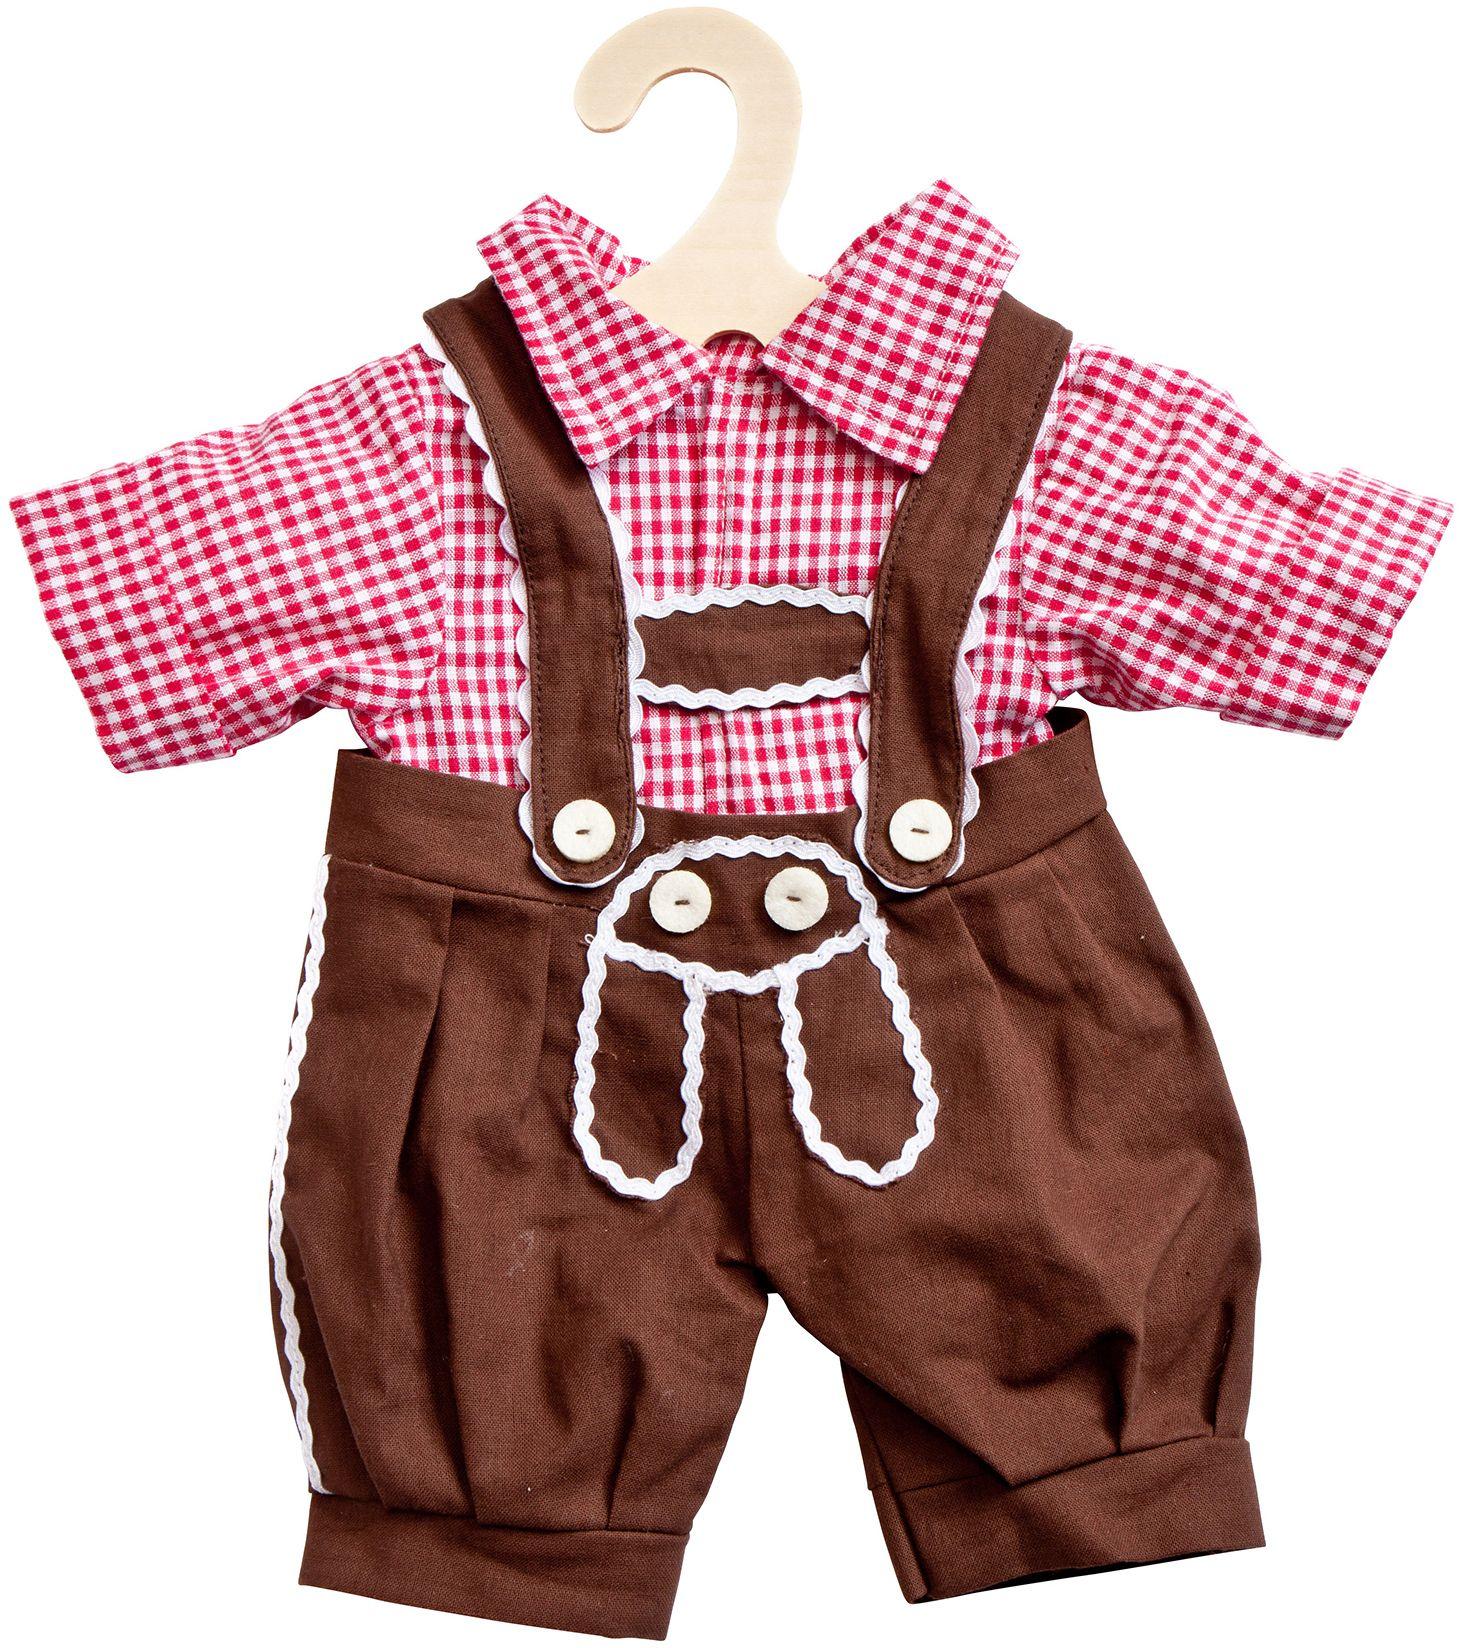 HELESS® Heless® Puppenkleidung Größe 28-33 cm, »Kniebundhose mit Hemd« (2tlg.)